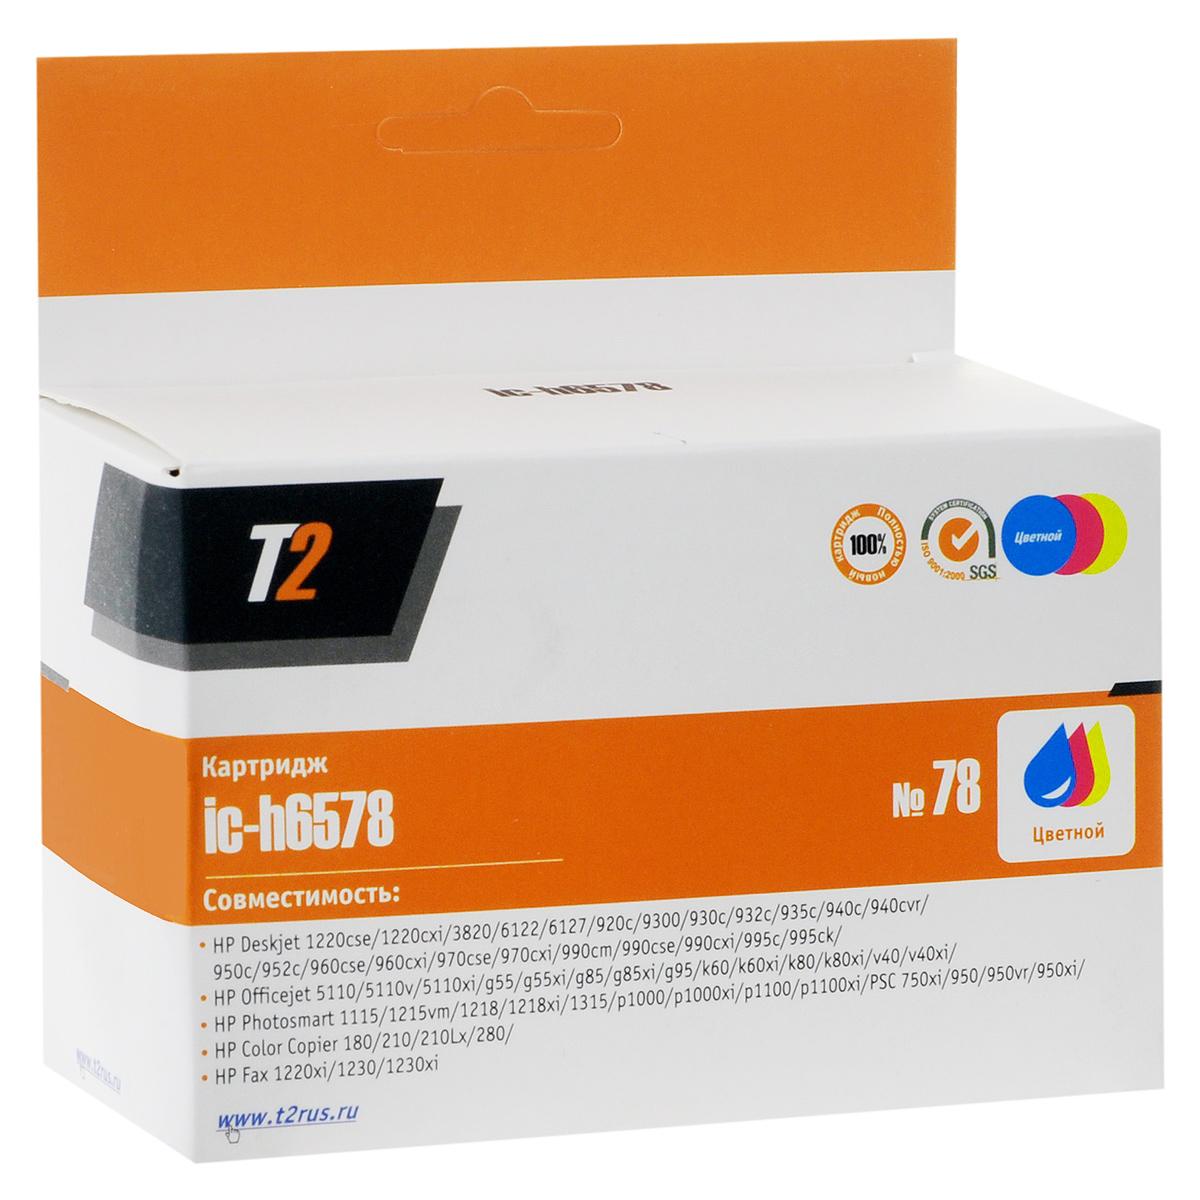 T2 IC-H6578 (C6578A) картридж №78XL для HP Deskjet 930/940/950/960/970/1220, ColorIC-H6578Картридж T2 IC-H6578 собран из дорогих японских комплектующих, протестирован по стандартам STMC и ISO. С каждого картриджа на заводе делаются тестовые отпечатки. Для каждой модели картриджа подобраны оптимальные чернила или тонер и фотобарабан. Каждая новая модель проходит умопомрачительно тщательную проверку на градиенты, фантомные изображения, ровность заливки и общее качество картинки.